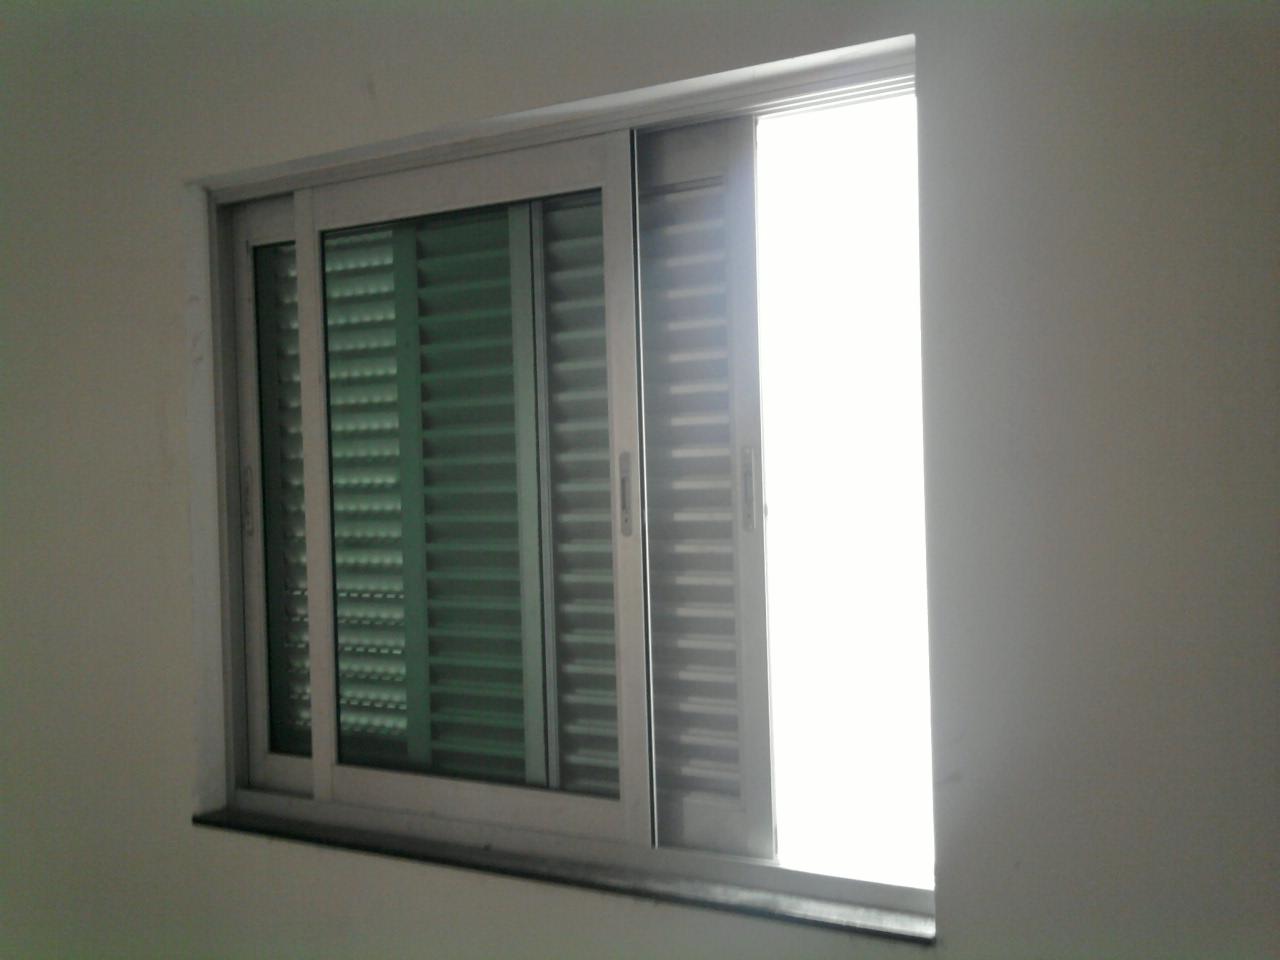 #667457 Vidros: Janela de correr veneziana com 04 folhas sendo 02 de vidro  532 Janelas Em Aluminio E Vidro